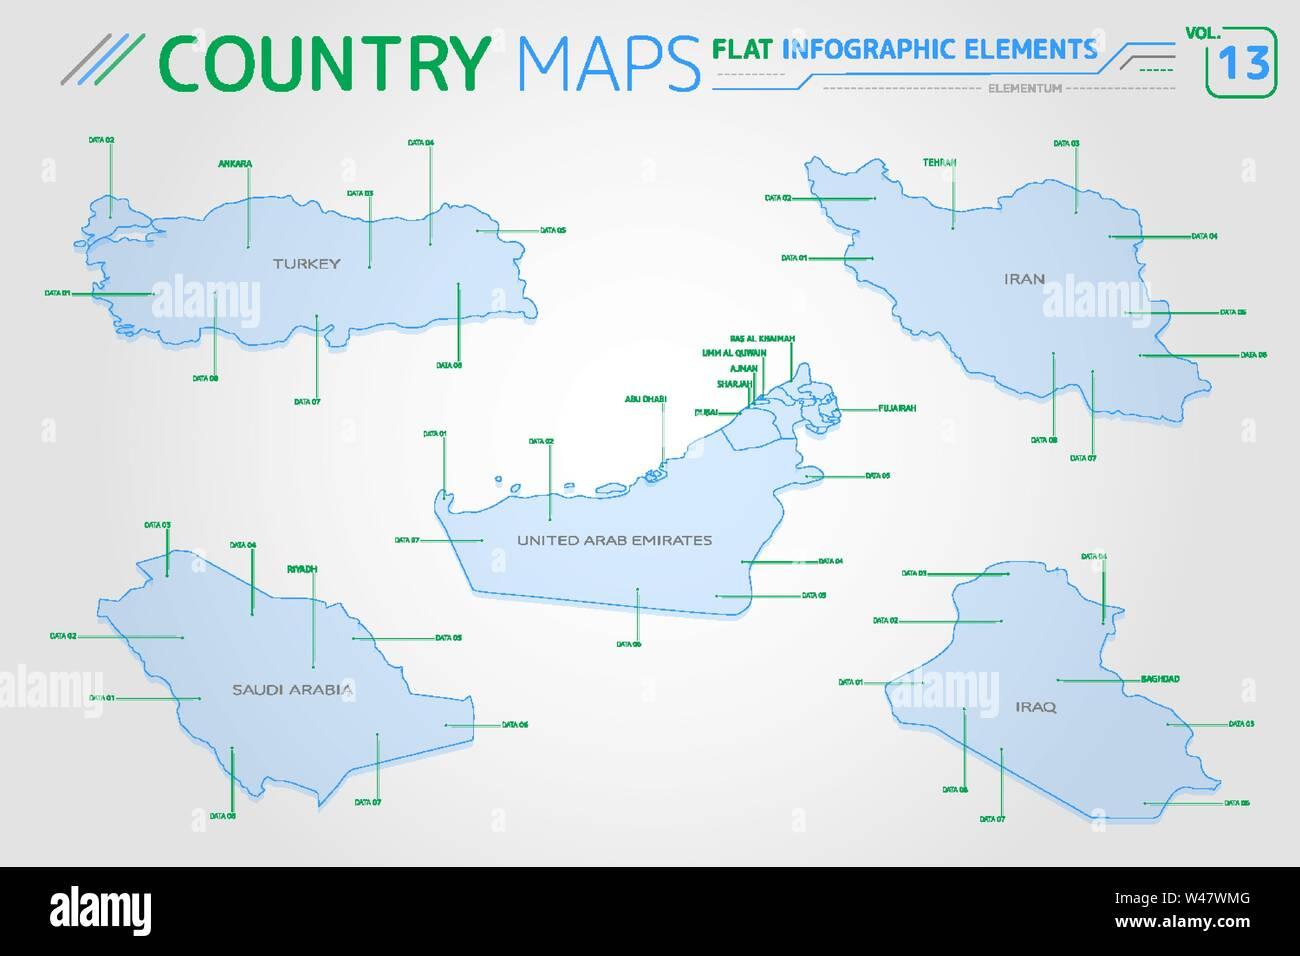 Saudi Arabia, Iraq, Iran, United Arab Emirates and Turkey ... on yemen map, mesopotamia iraq map, syria map, greece map, oman map, al-asad iraq map, us military iraq map, china map, khorsabad iraq map, jordan map, nimrud iraq map, tehran iraq map, lalish iraq map, islamic state iraq map, muqdadiyah iraq map, kuwait map, india map, raqqa iraq map, sumeria iraq map, world map,